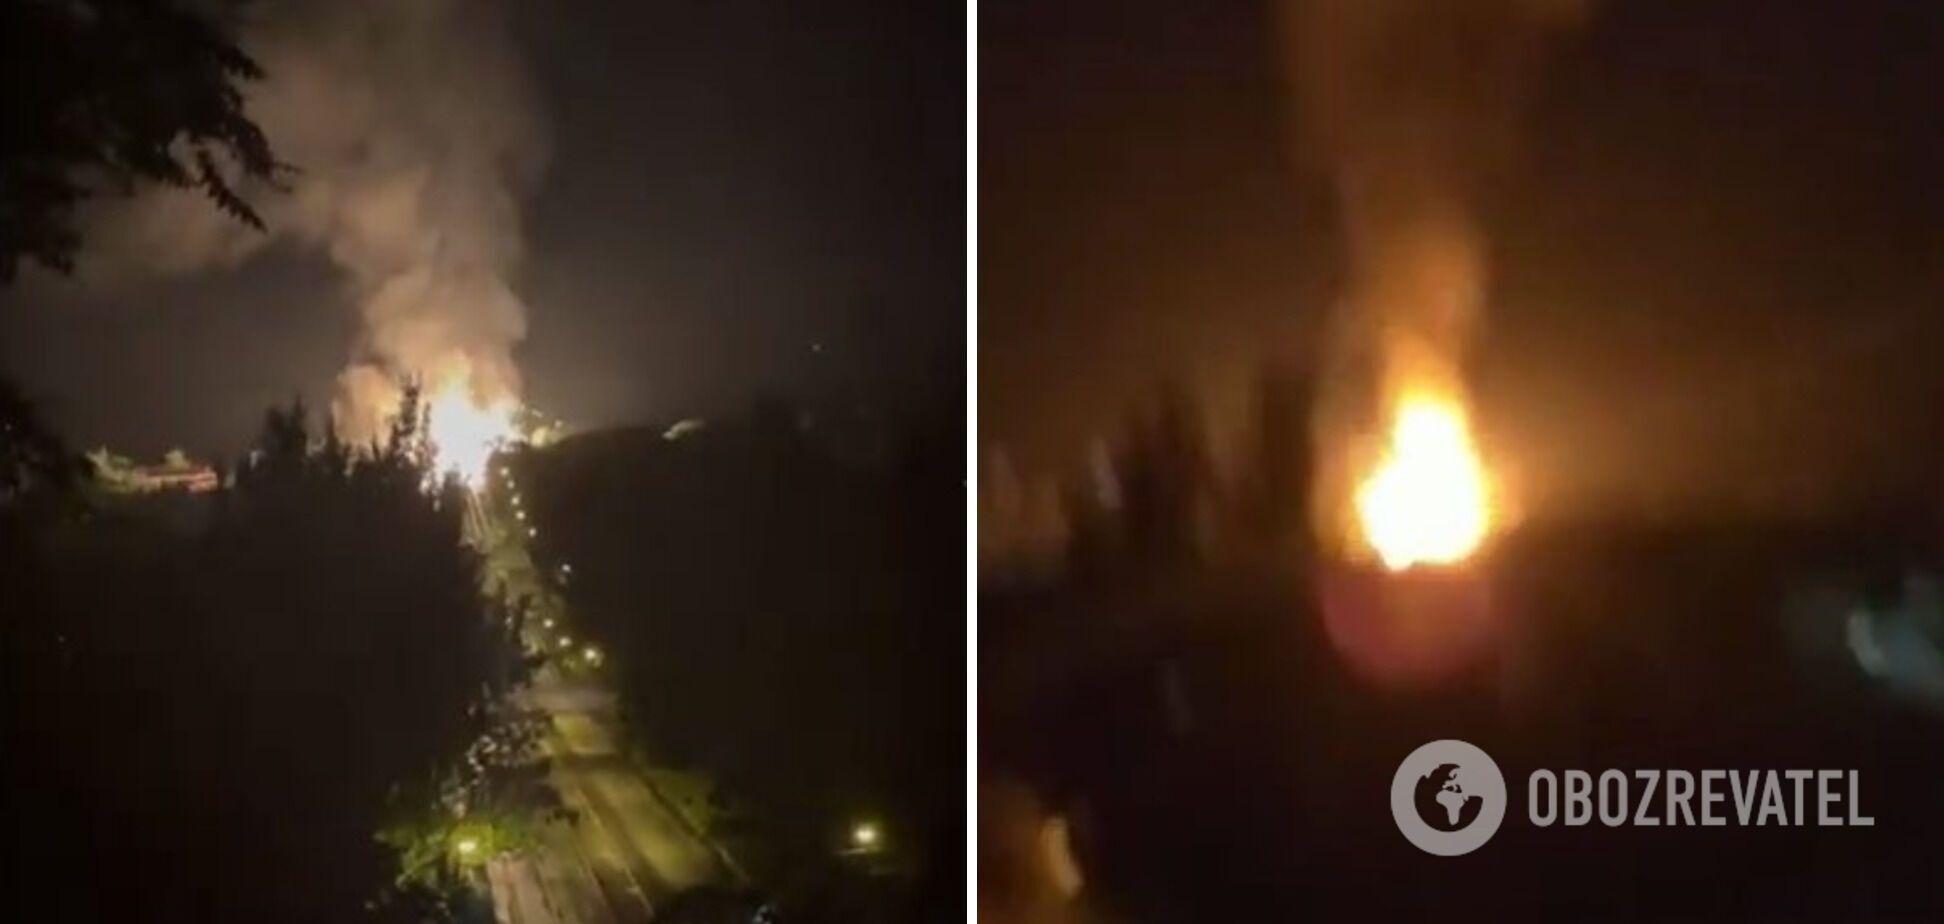 В результате взрыва на месте образовалось сильное возгорание